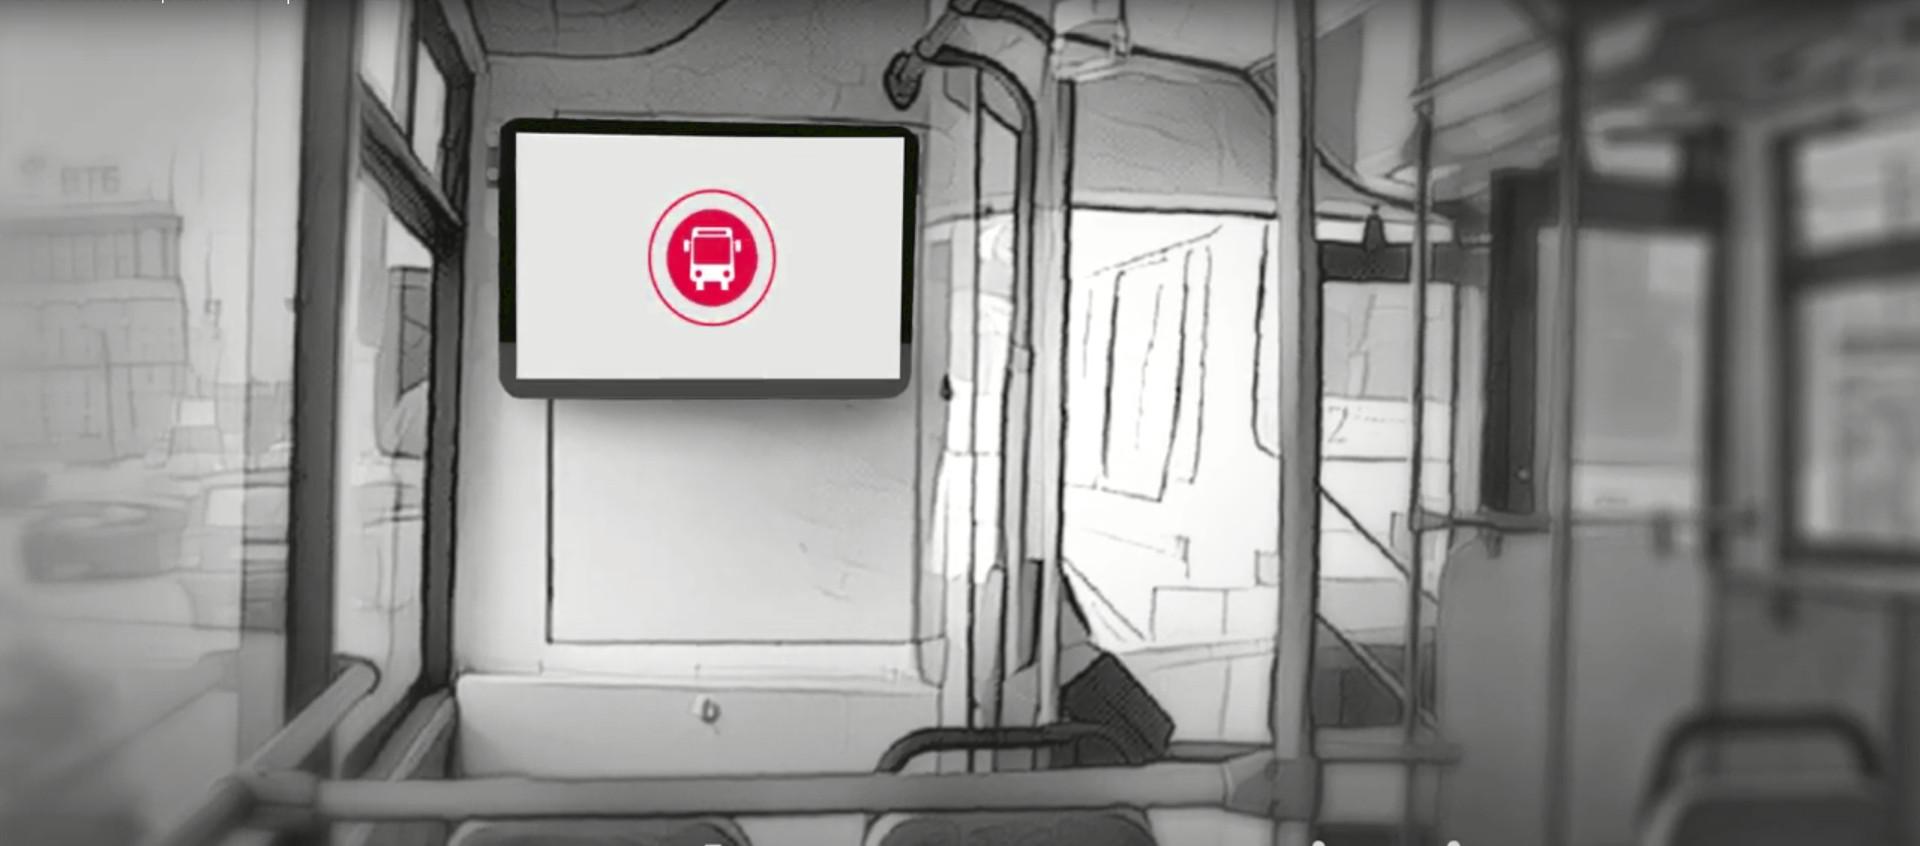 transport digital signage